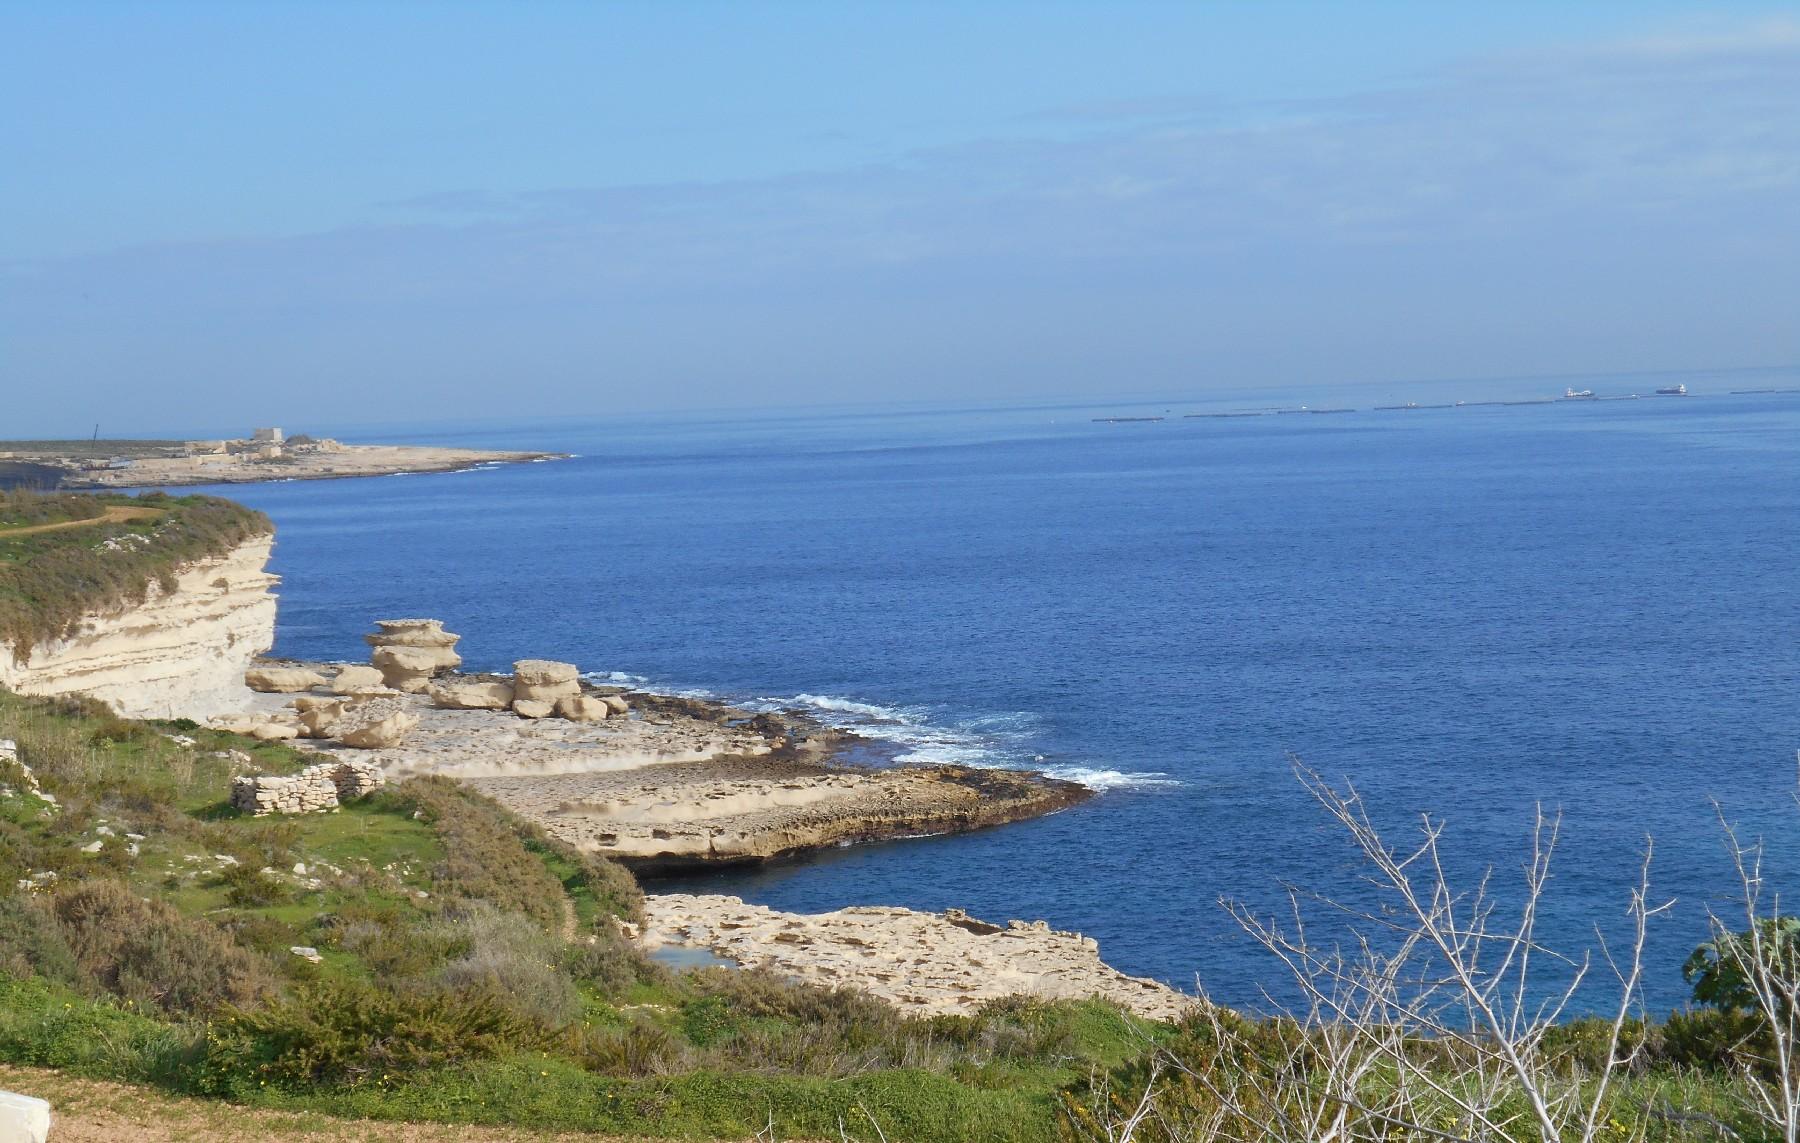 Malta Property for sale in Malta, Marsaxlokk